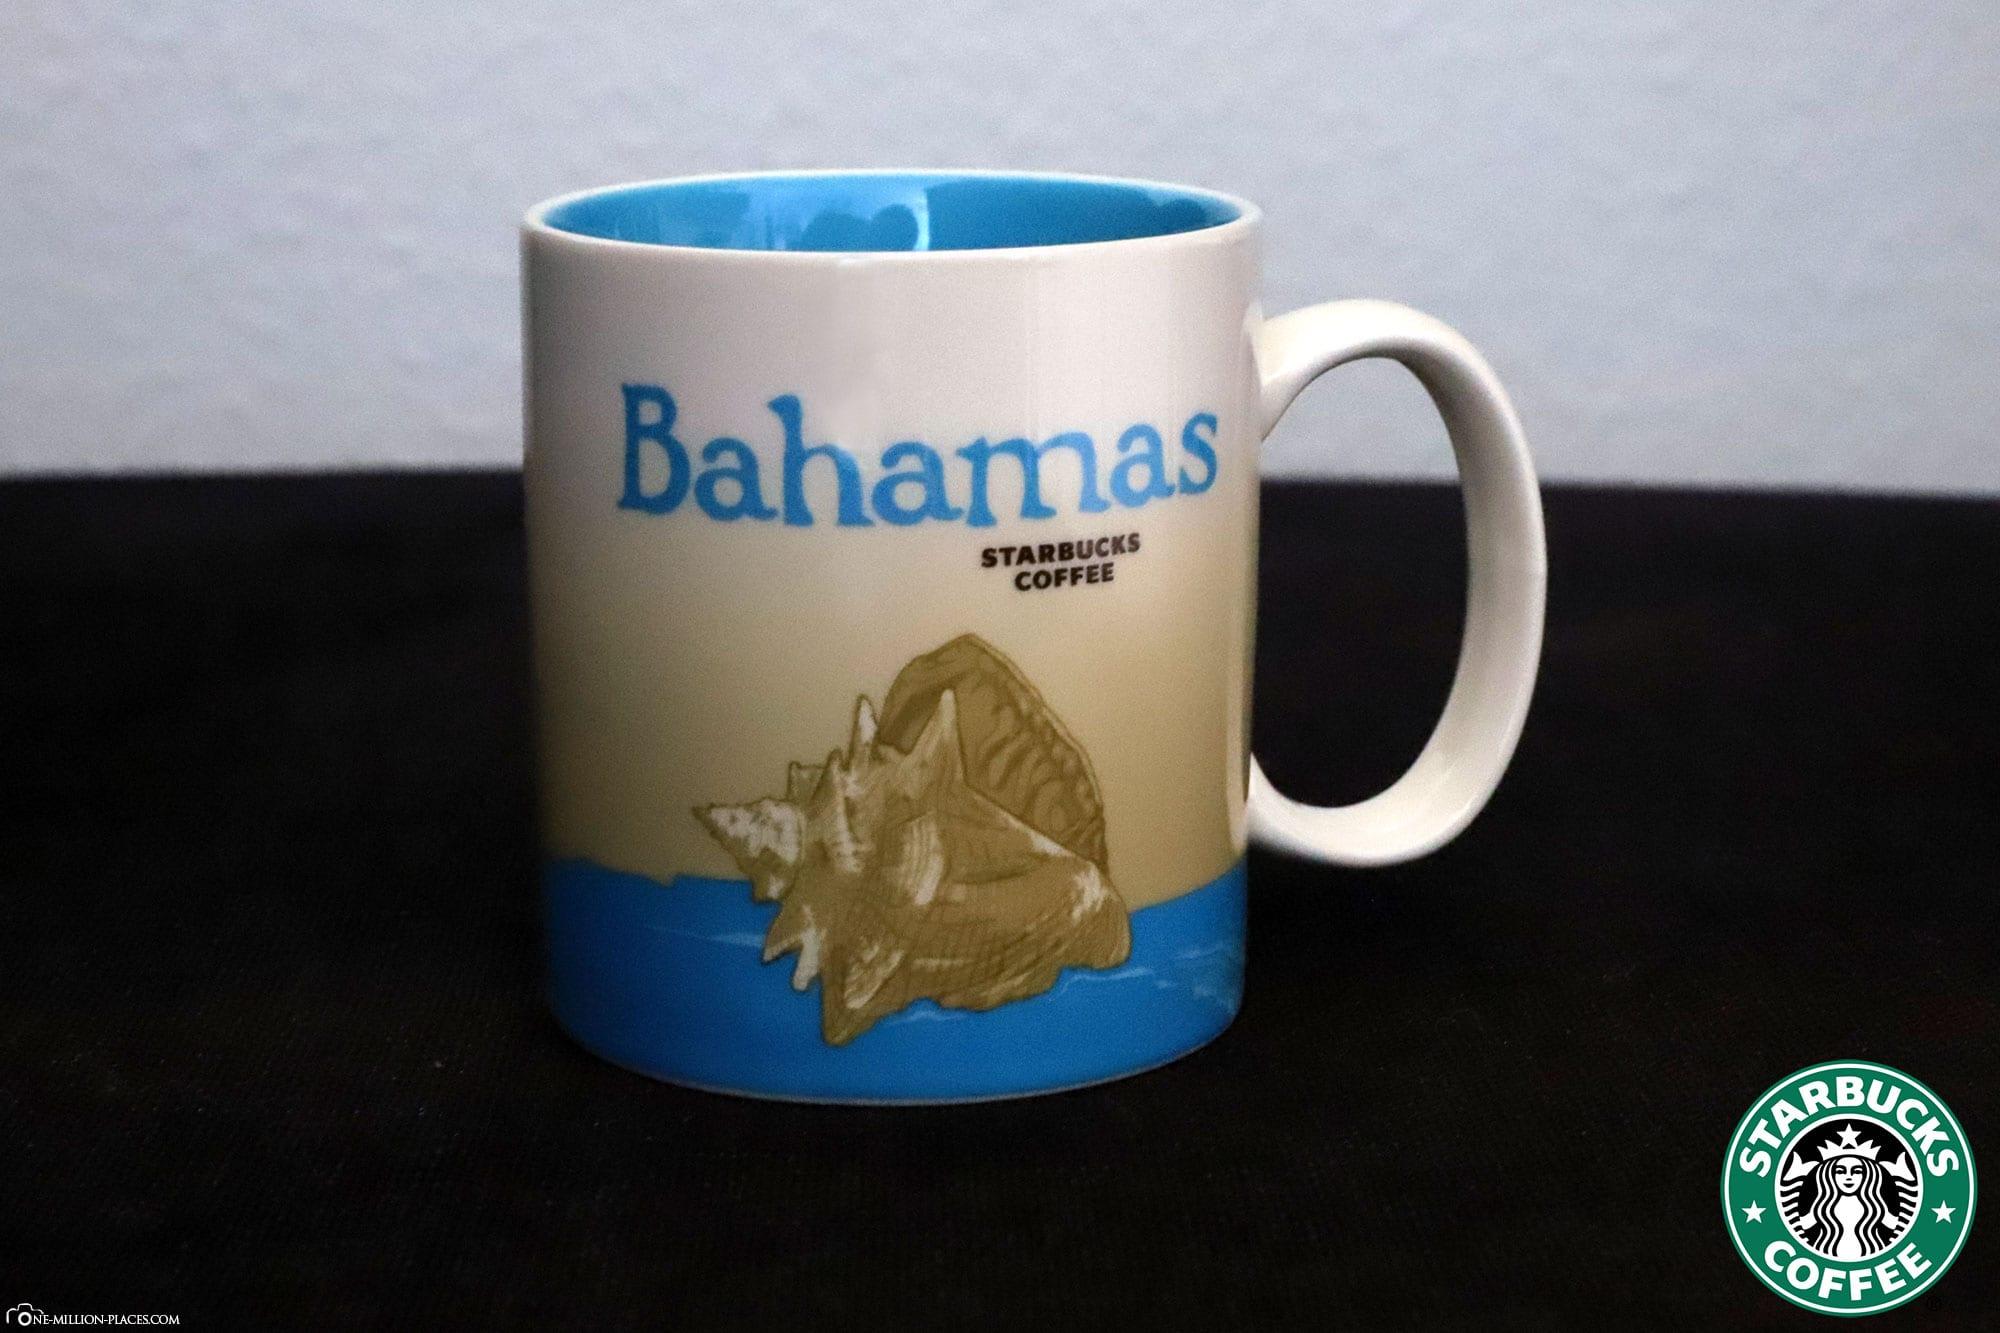 Bahamas, Starbucks Tasse, Global Icon Serie, City Mugs, Sammlung, Reisebericht